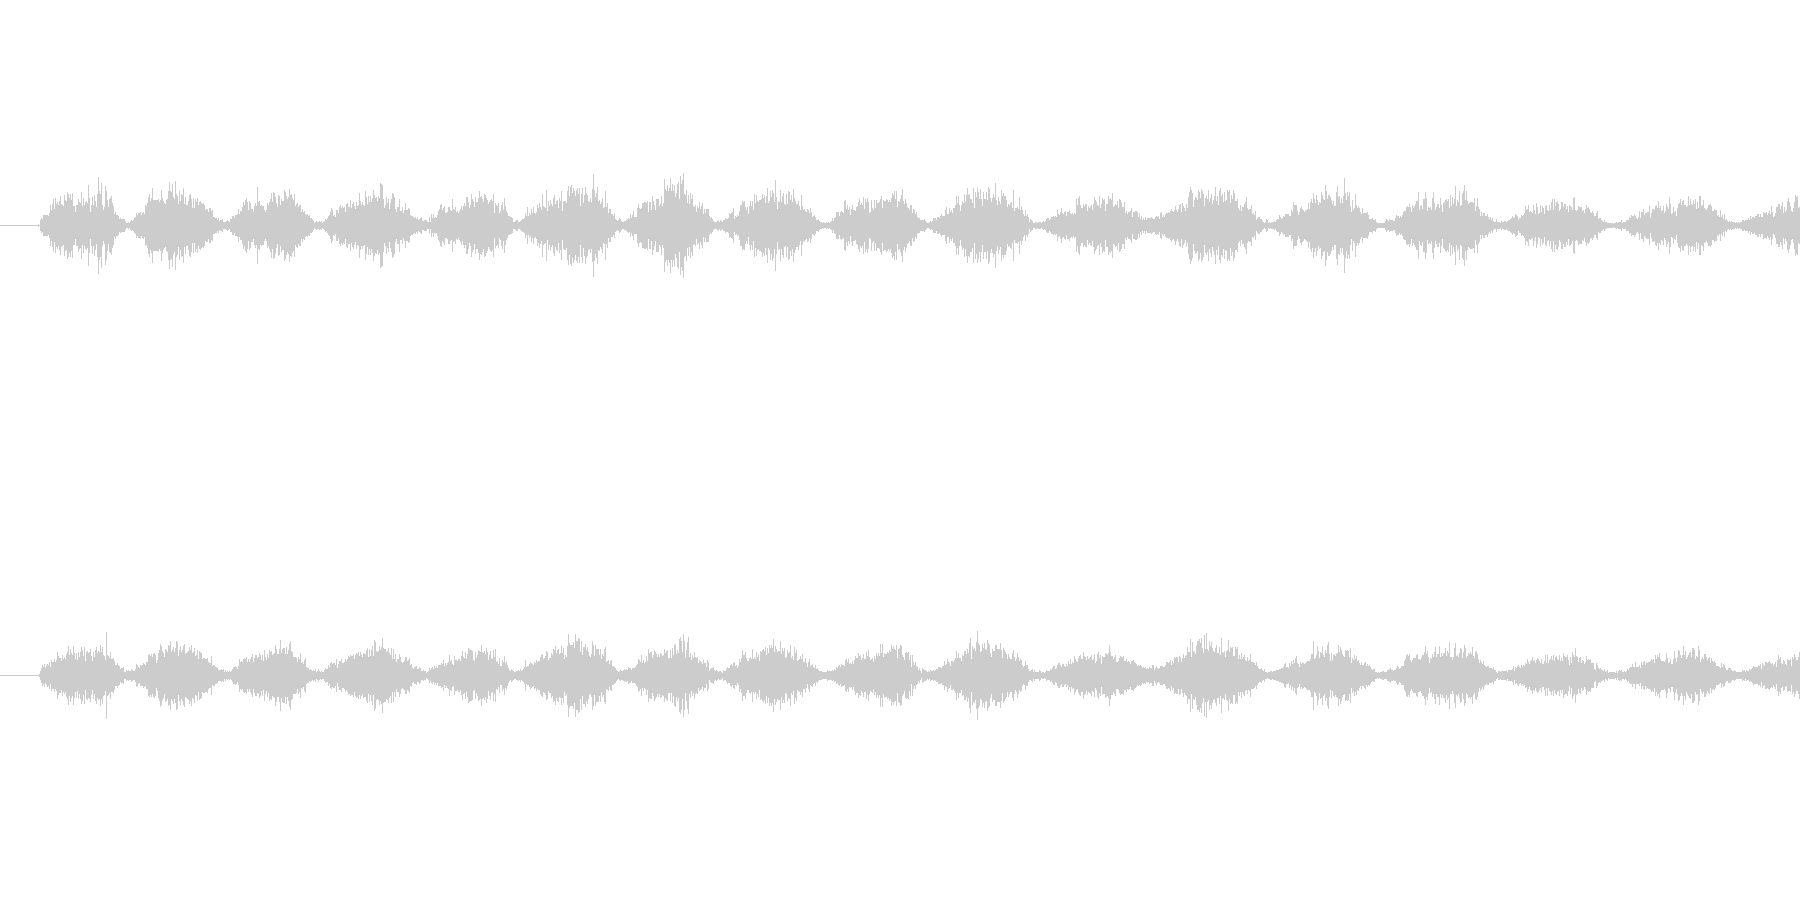 ノコギリで薄い板を切っているときの音で…の未再生の波形